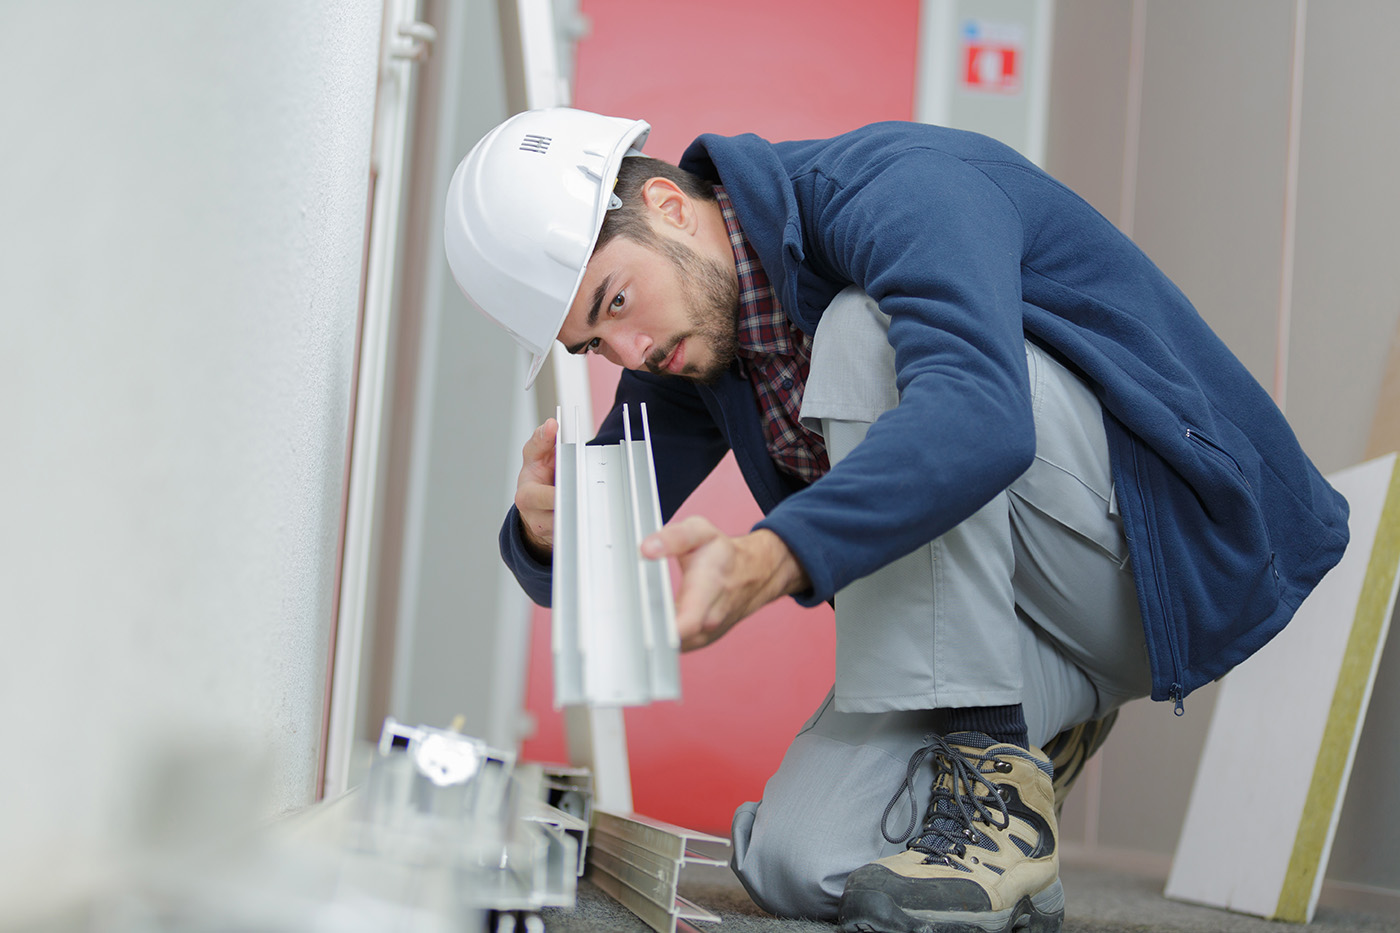 Vi är er specialist på industriportar i Dalarna. Kontakta oss för industriportar i Dalarna.